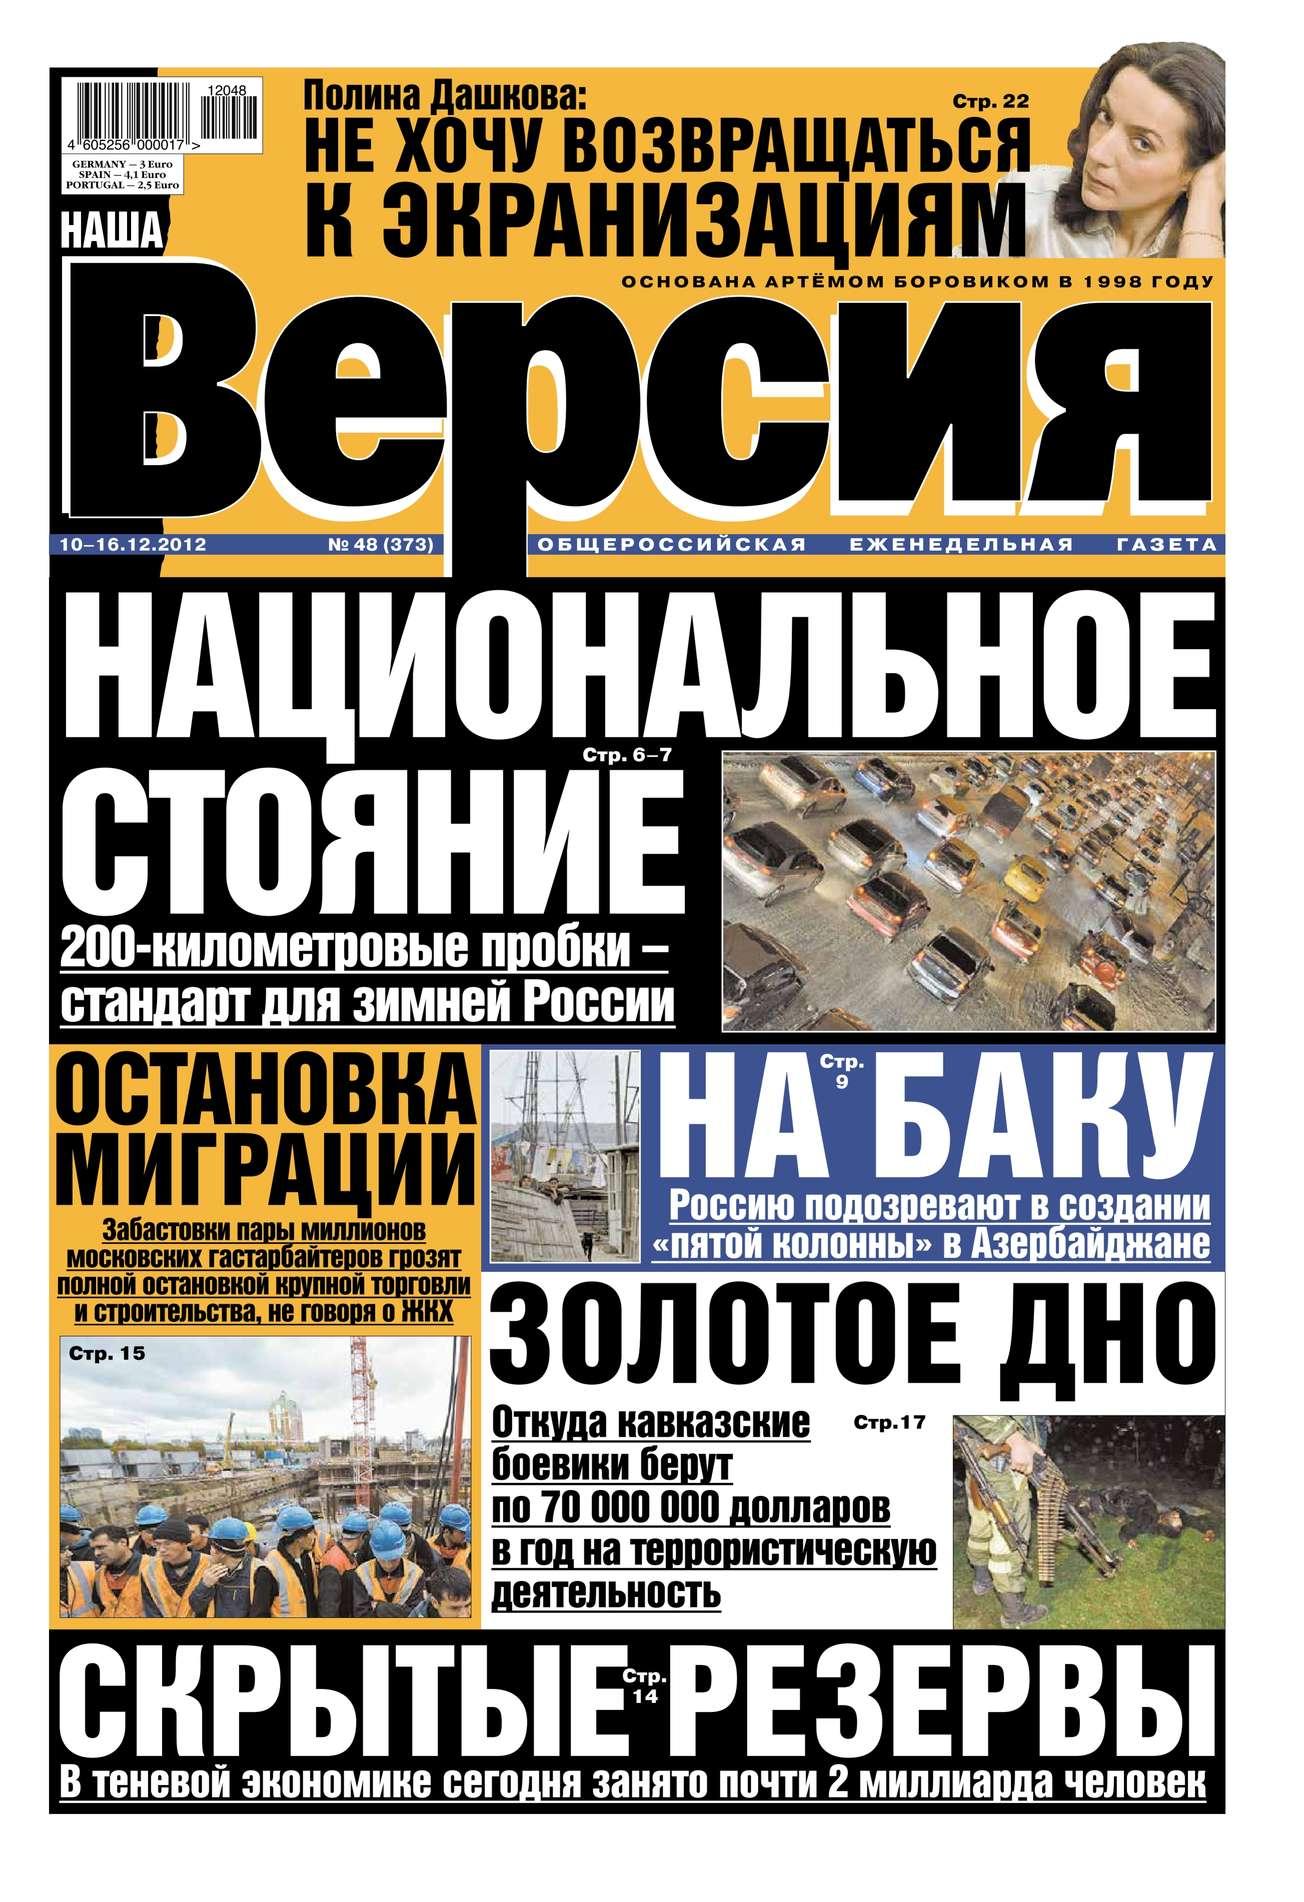 Редакция газеты Наша Версия Наша версия 48-12-2012 цена